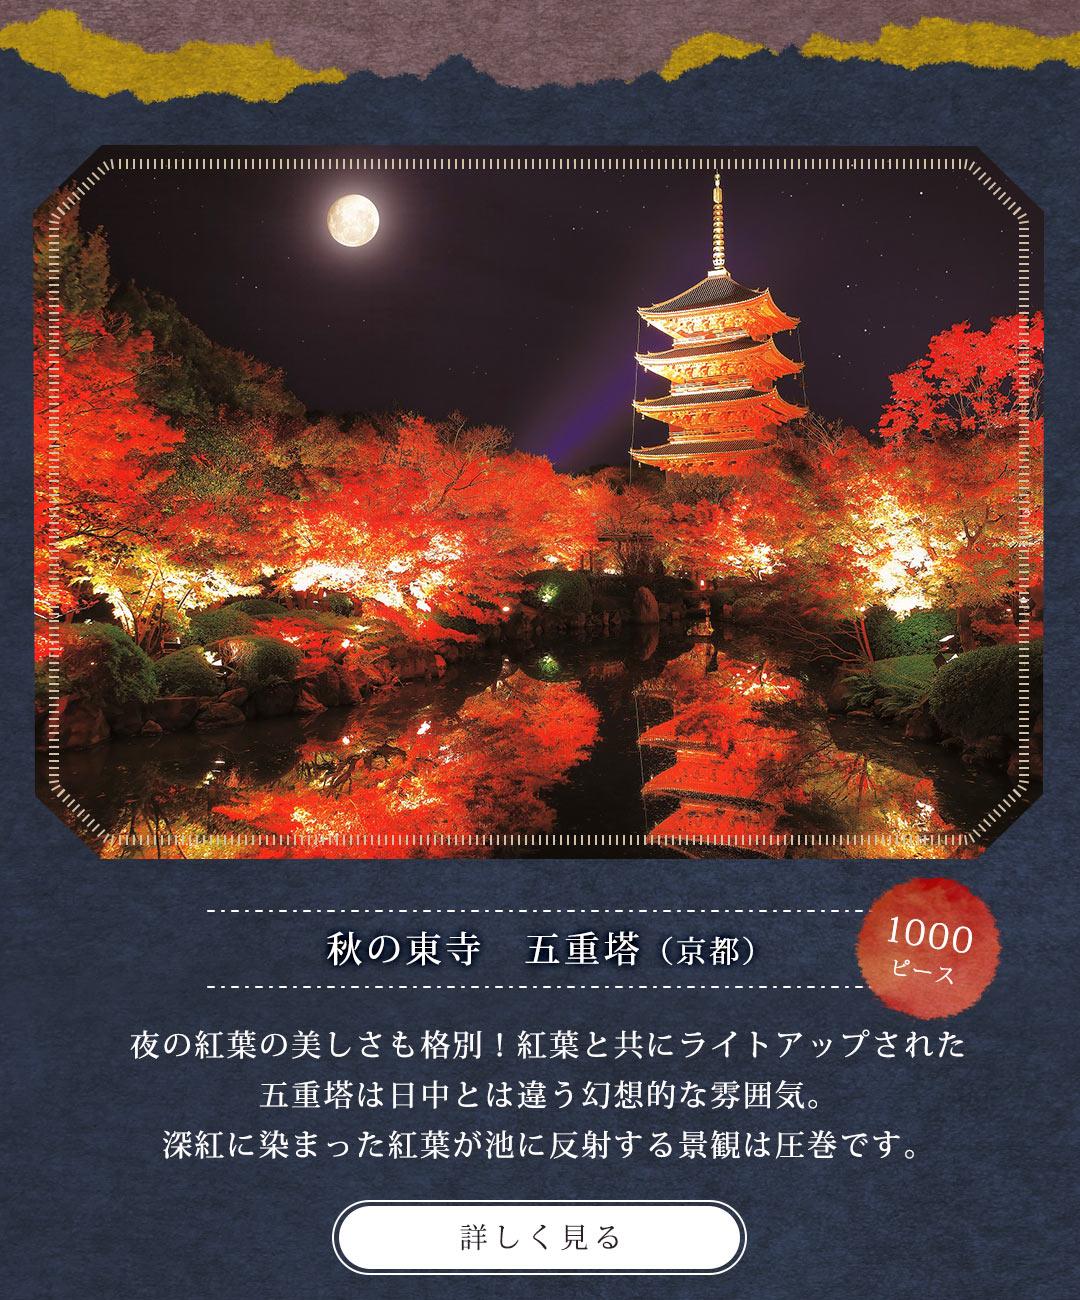 日本の風景 秋の東寺 五重塔−京都 1000ピース